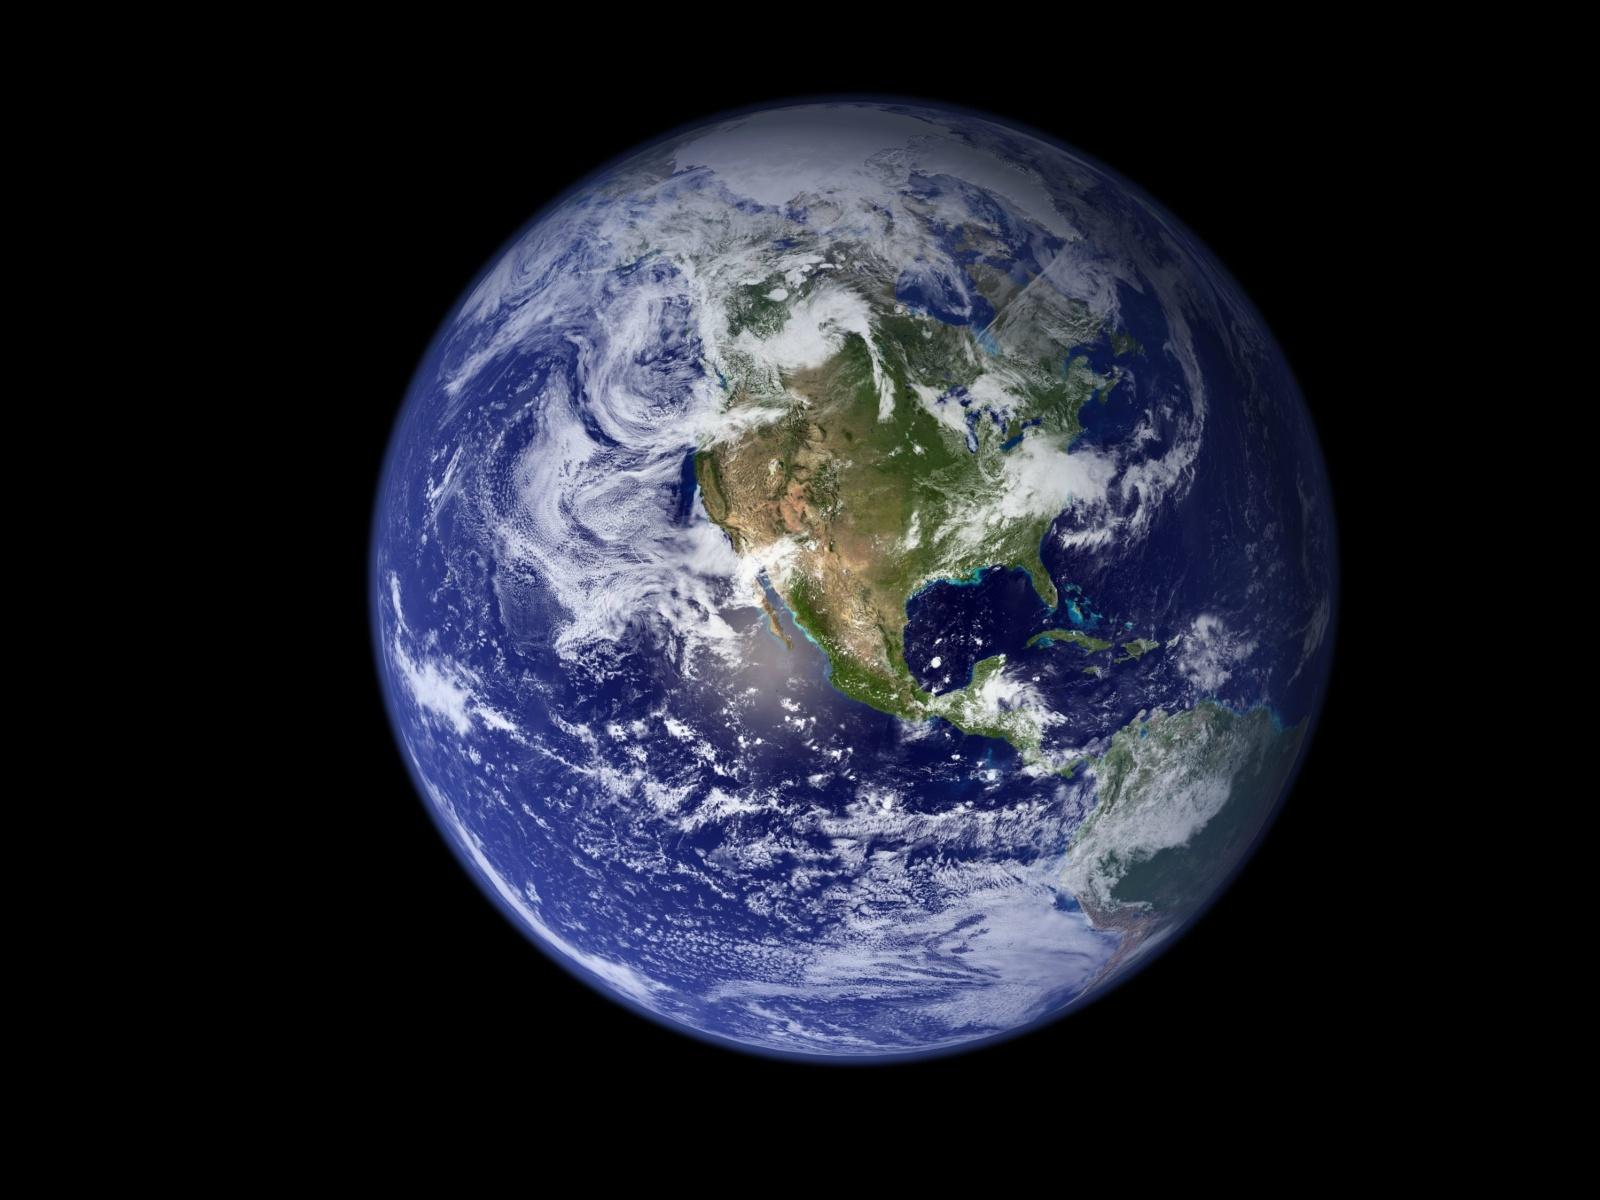 Як виглядає земля з космосу